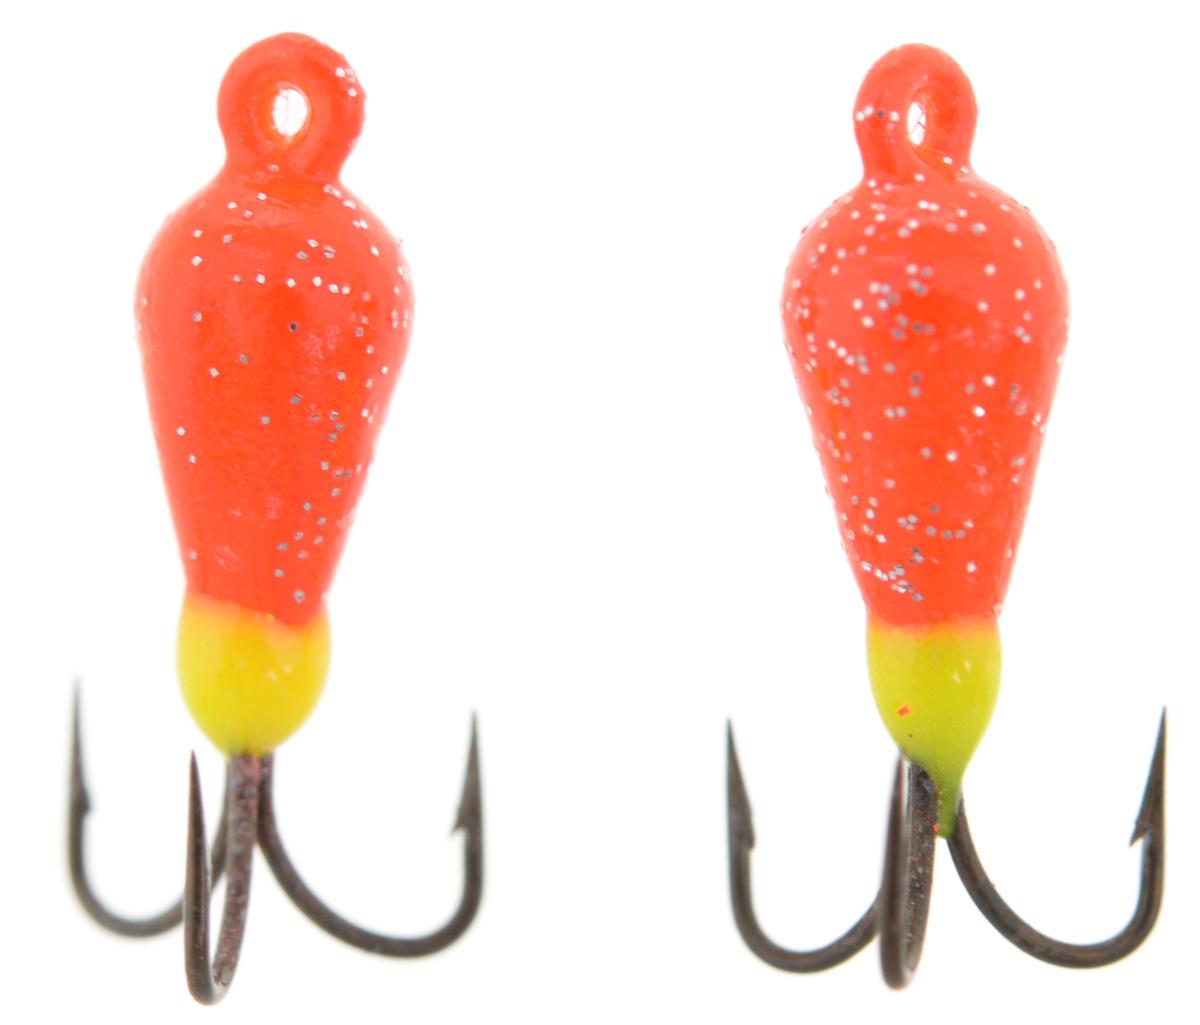 Чертик вольфрамовый Finnex, цвет: оранжевый, салатовый, 0,56 г, 2 штT2RD_оранжевый, салатовыйВольфрамовый чертик Finnex - одна из самых популярных приманок для ловли леща, плотвы и другой белой рыбы. Особенно хорошо работает приманка на всевозможных водохранилищах. Не пропустит ее и другая рыба, в том числе окунь, судак и щука.